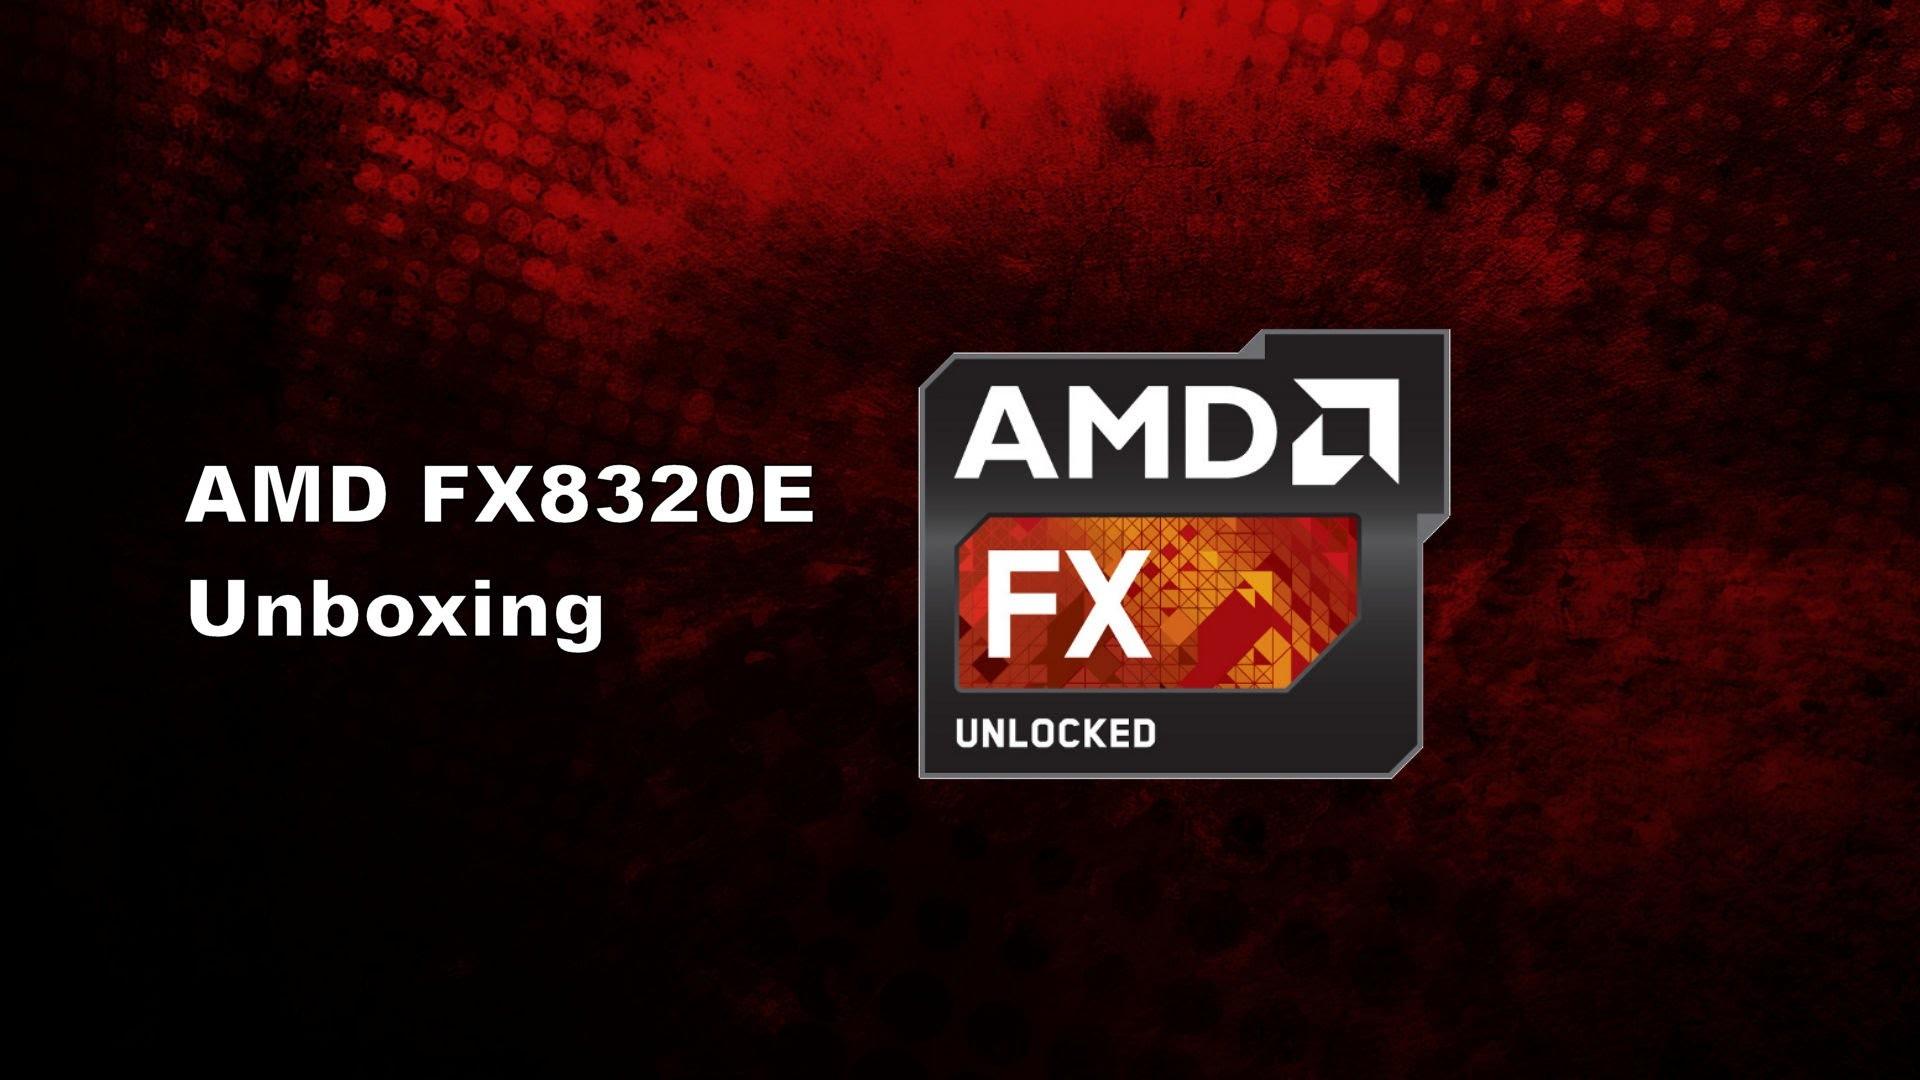 AMD FX 8320E Unboxing